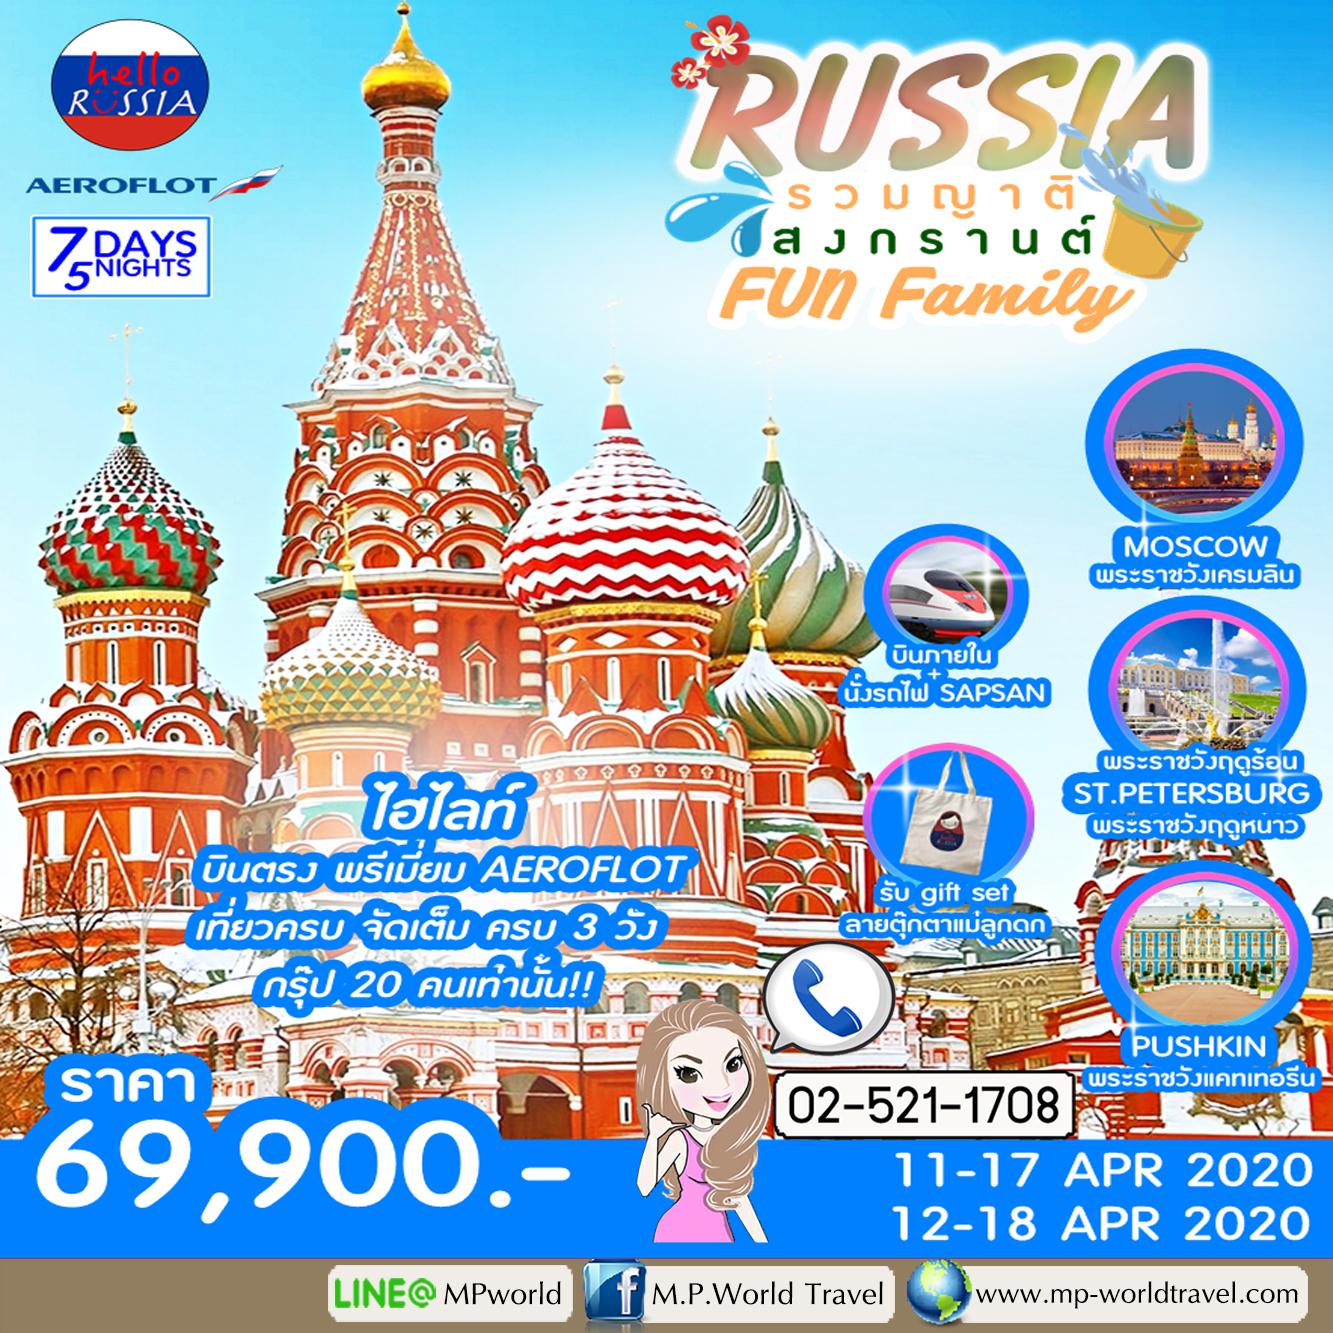 ทัวร์รัสเซีย รวมญาติ สงกรานต์ Fun Family 7วัน5คืน